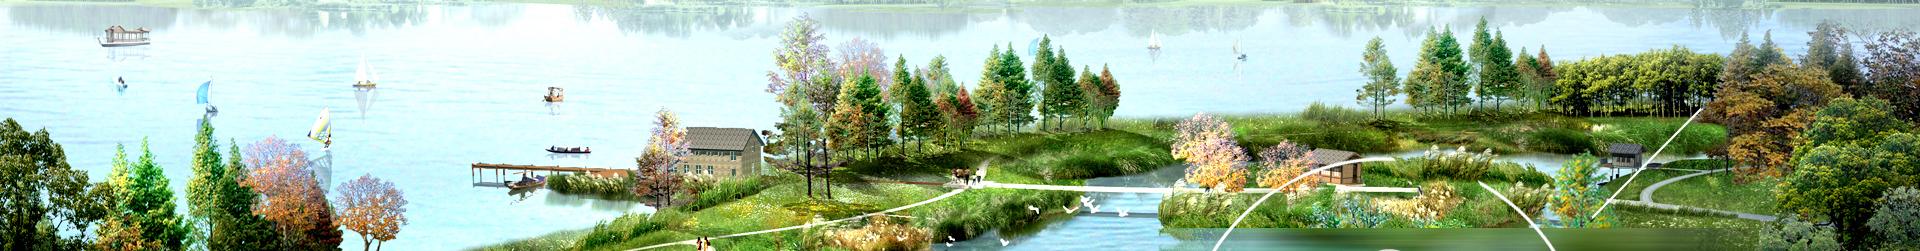 兰州生态园假山